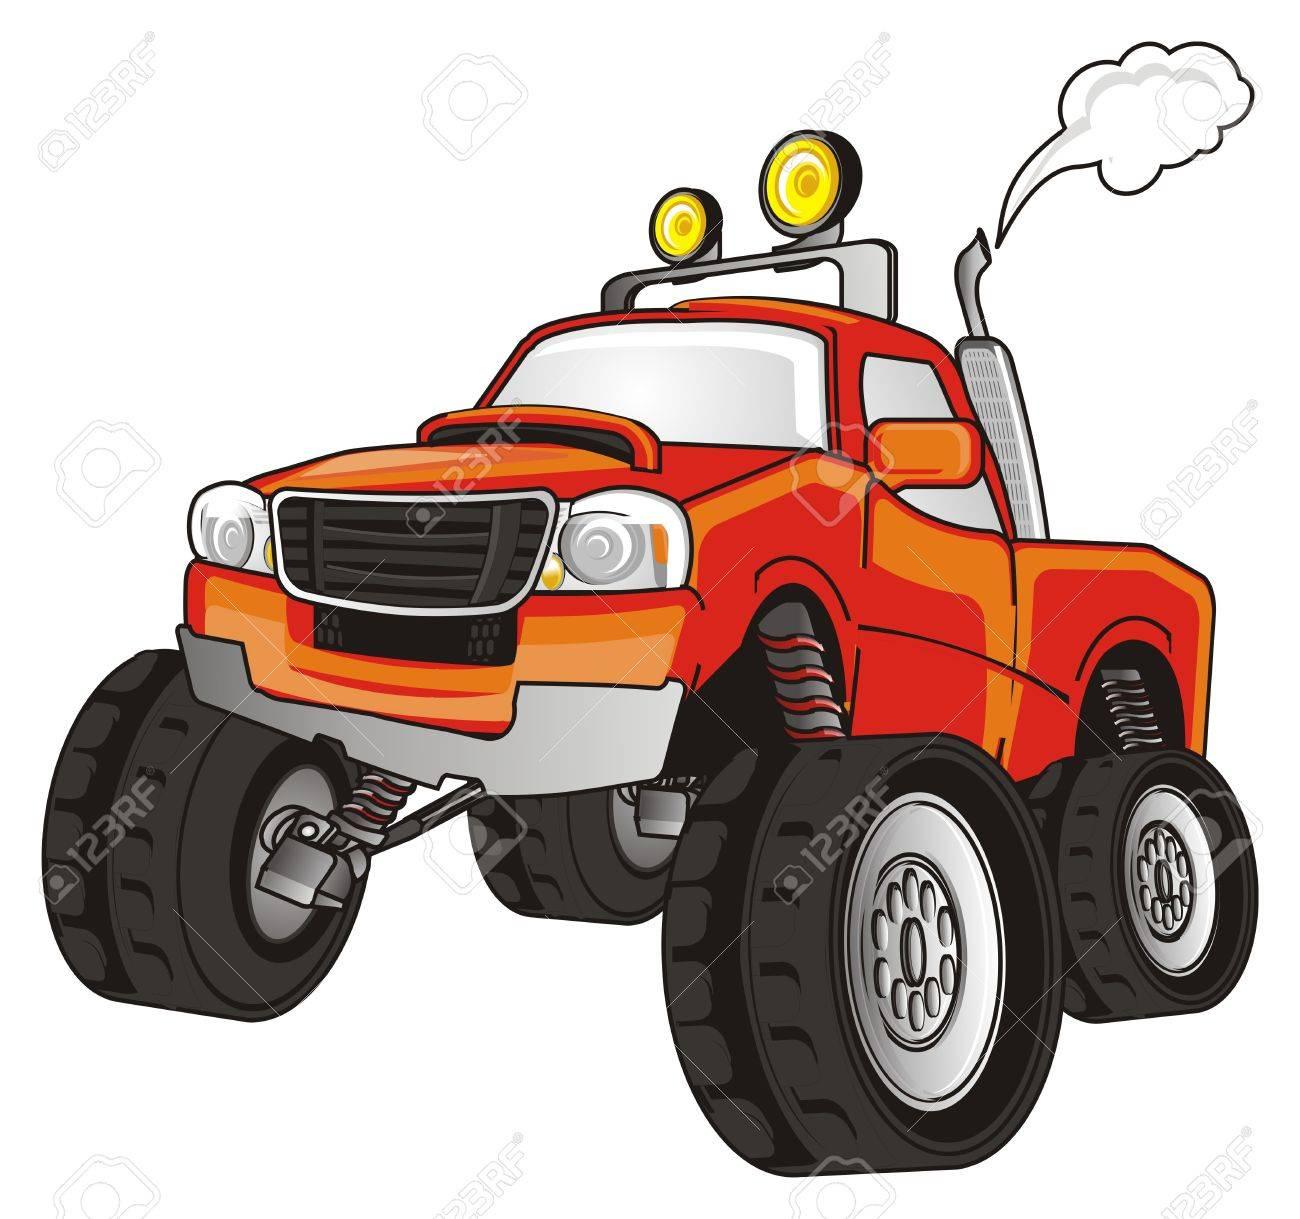 Großer Monster Truck Lizenzfreie Fotos, Bilder Und Stock Fotografie ...